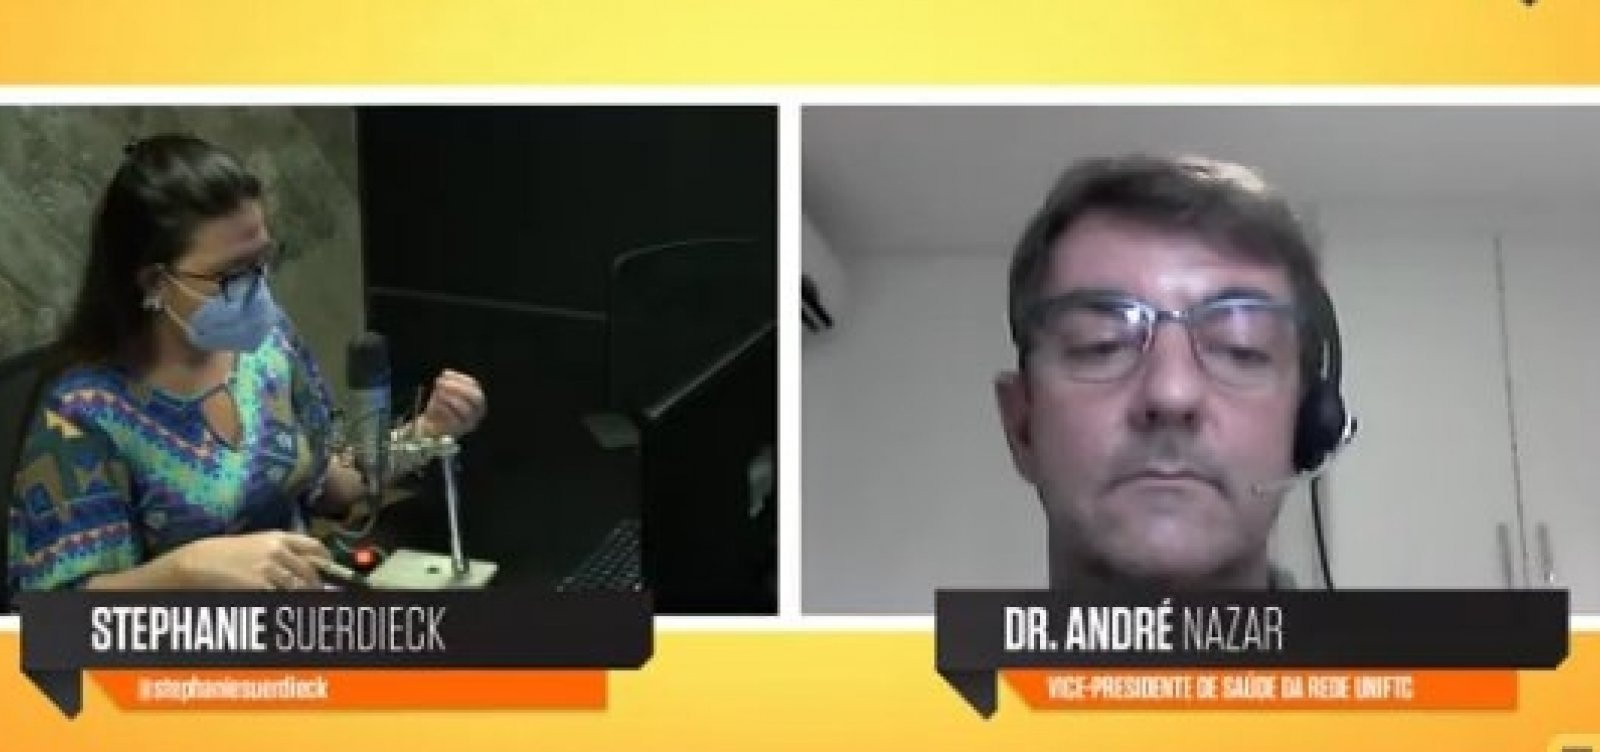 [Metrópole Saúde: médico fala de cuidados com a formação de profissionais da saúde durante a pandemia]